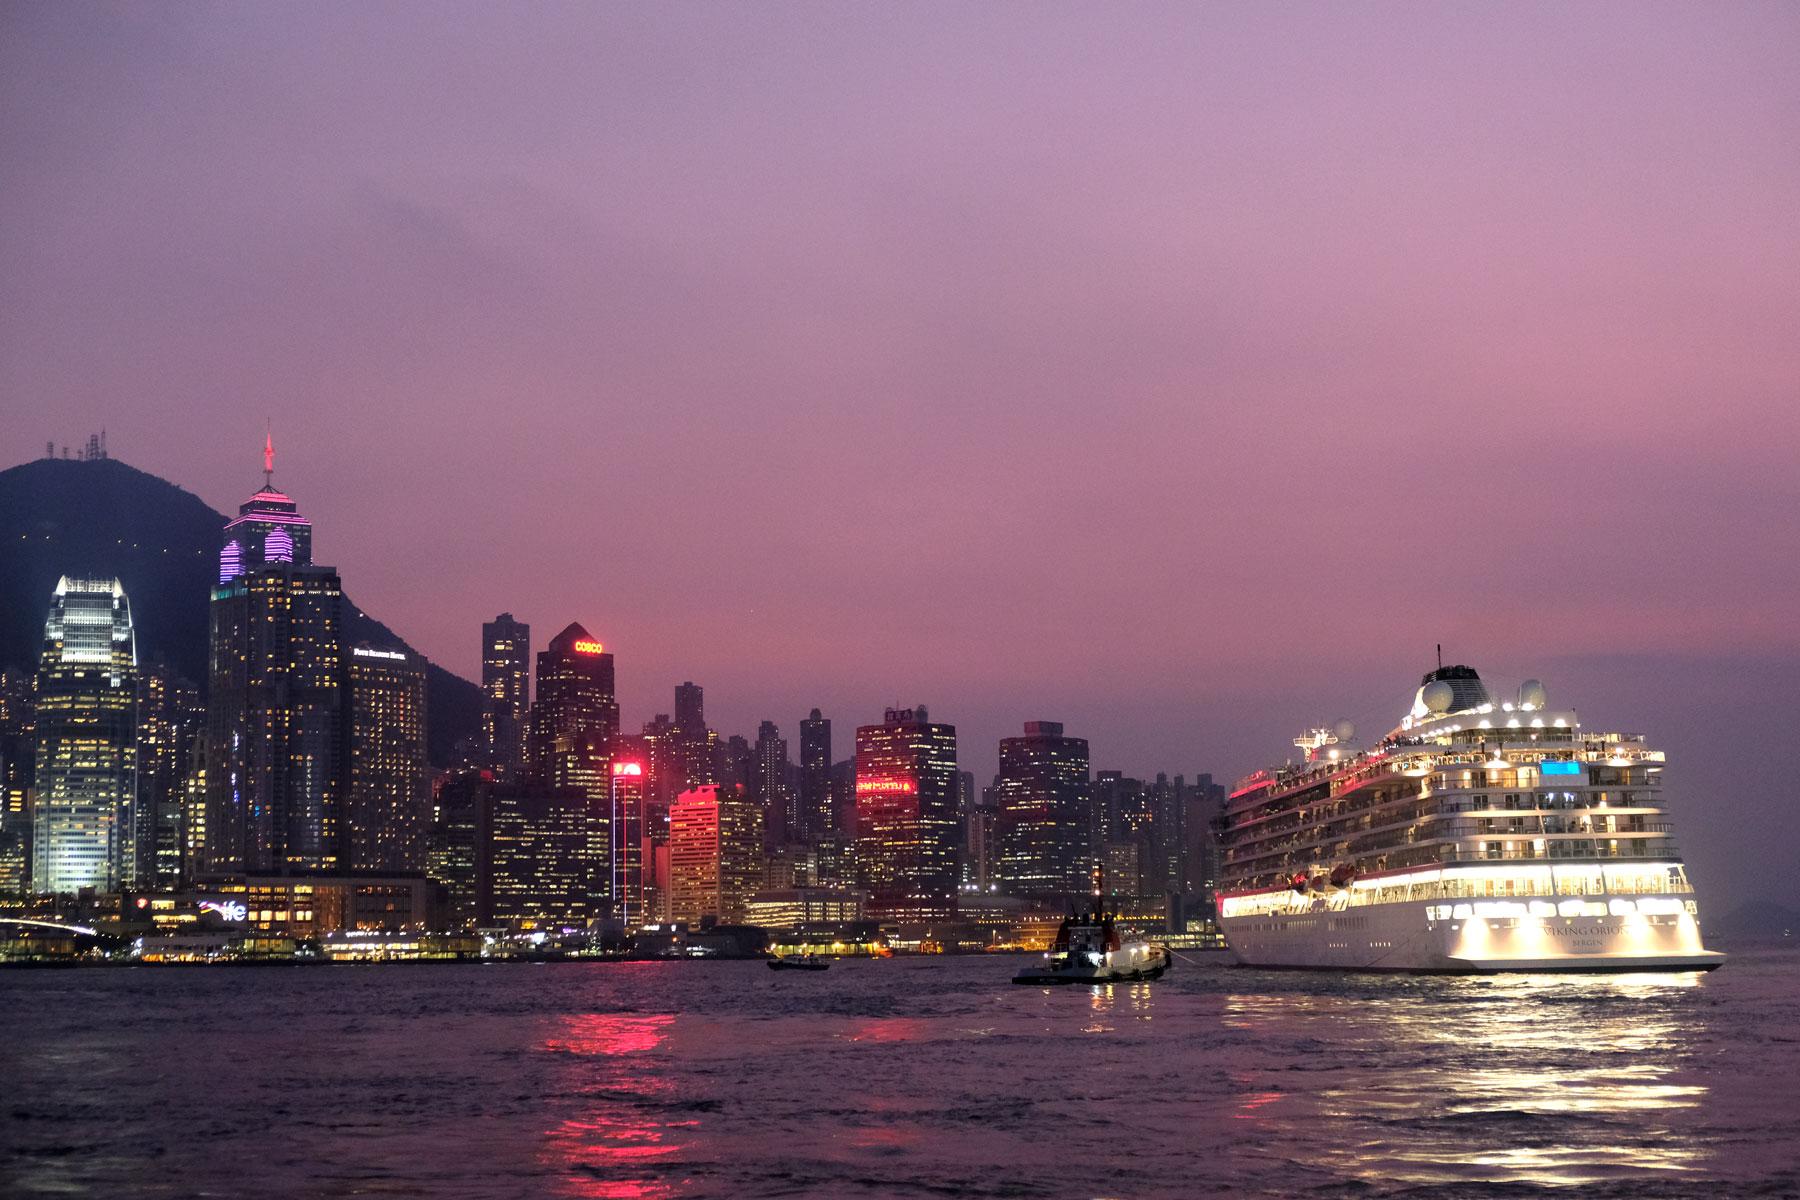 Ein Kreuzfahrtschiff legt im Hafen von Hongkong ab.